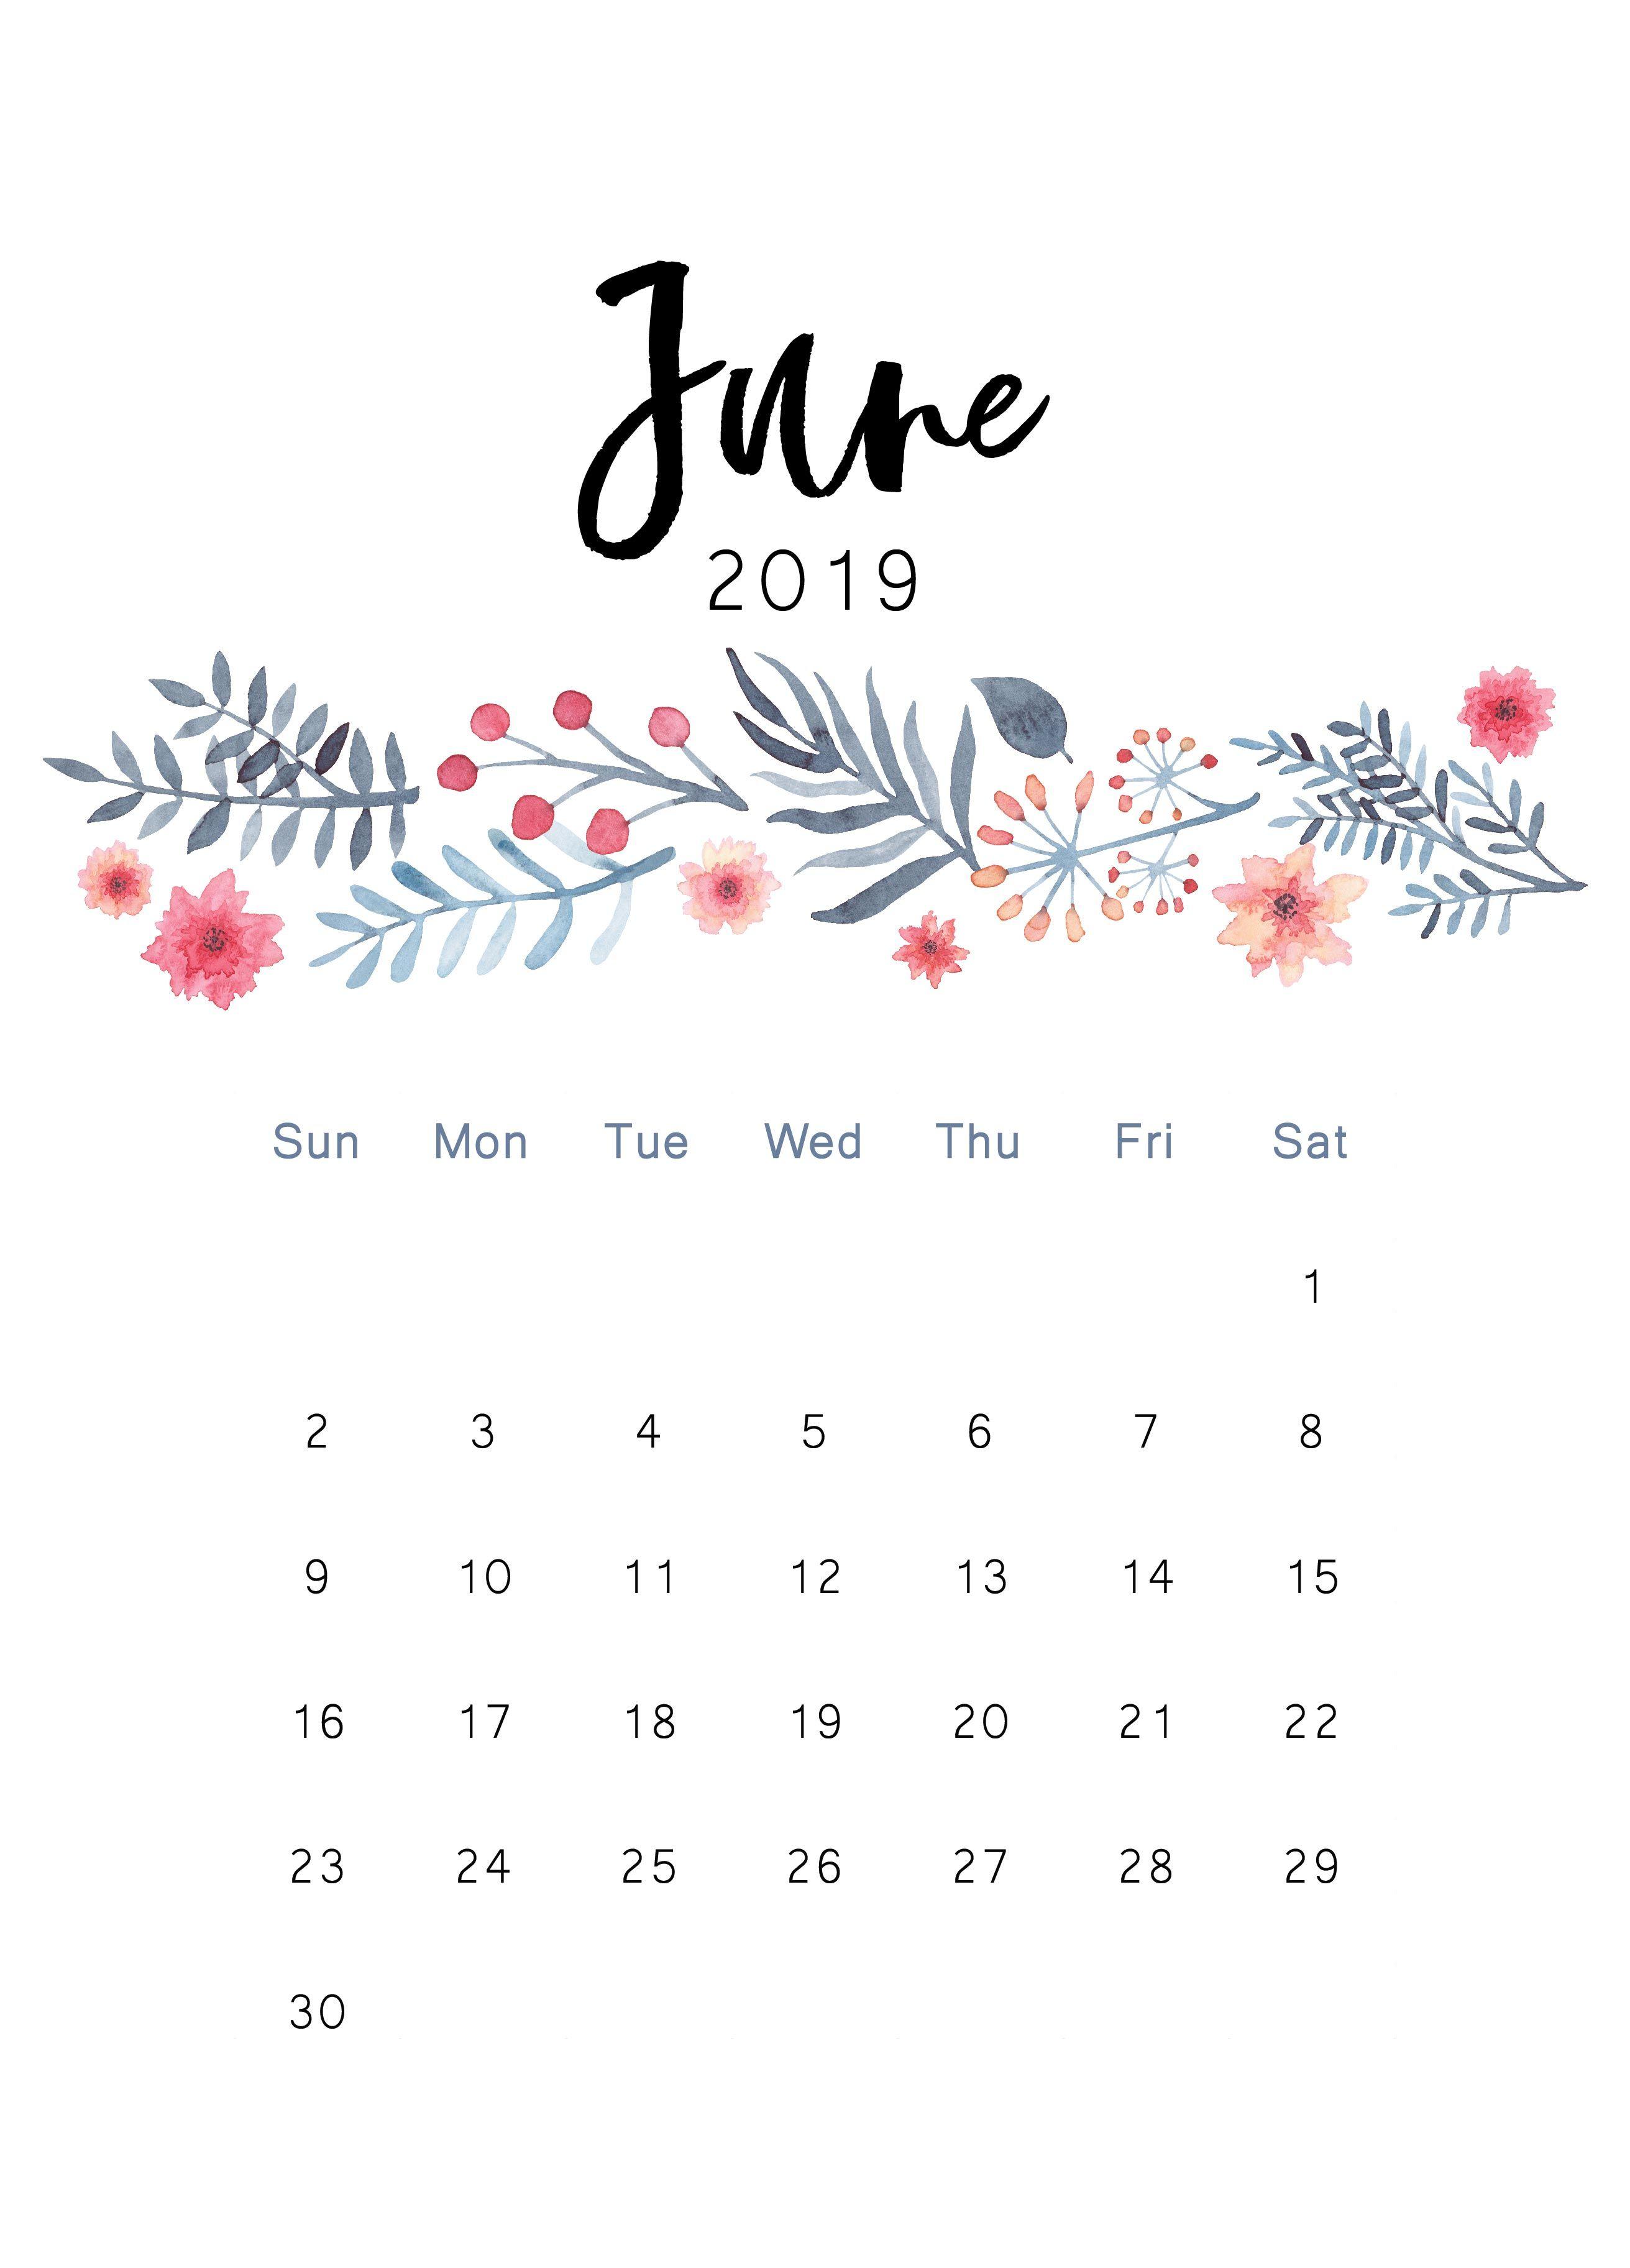 June 2019 Printable Calendar | Iphone Wallpaper | Kalender